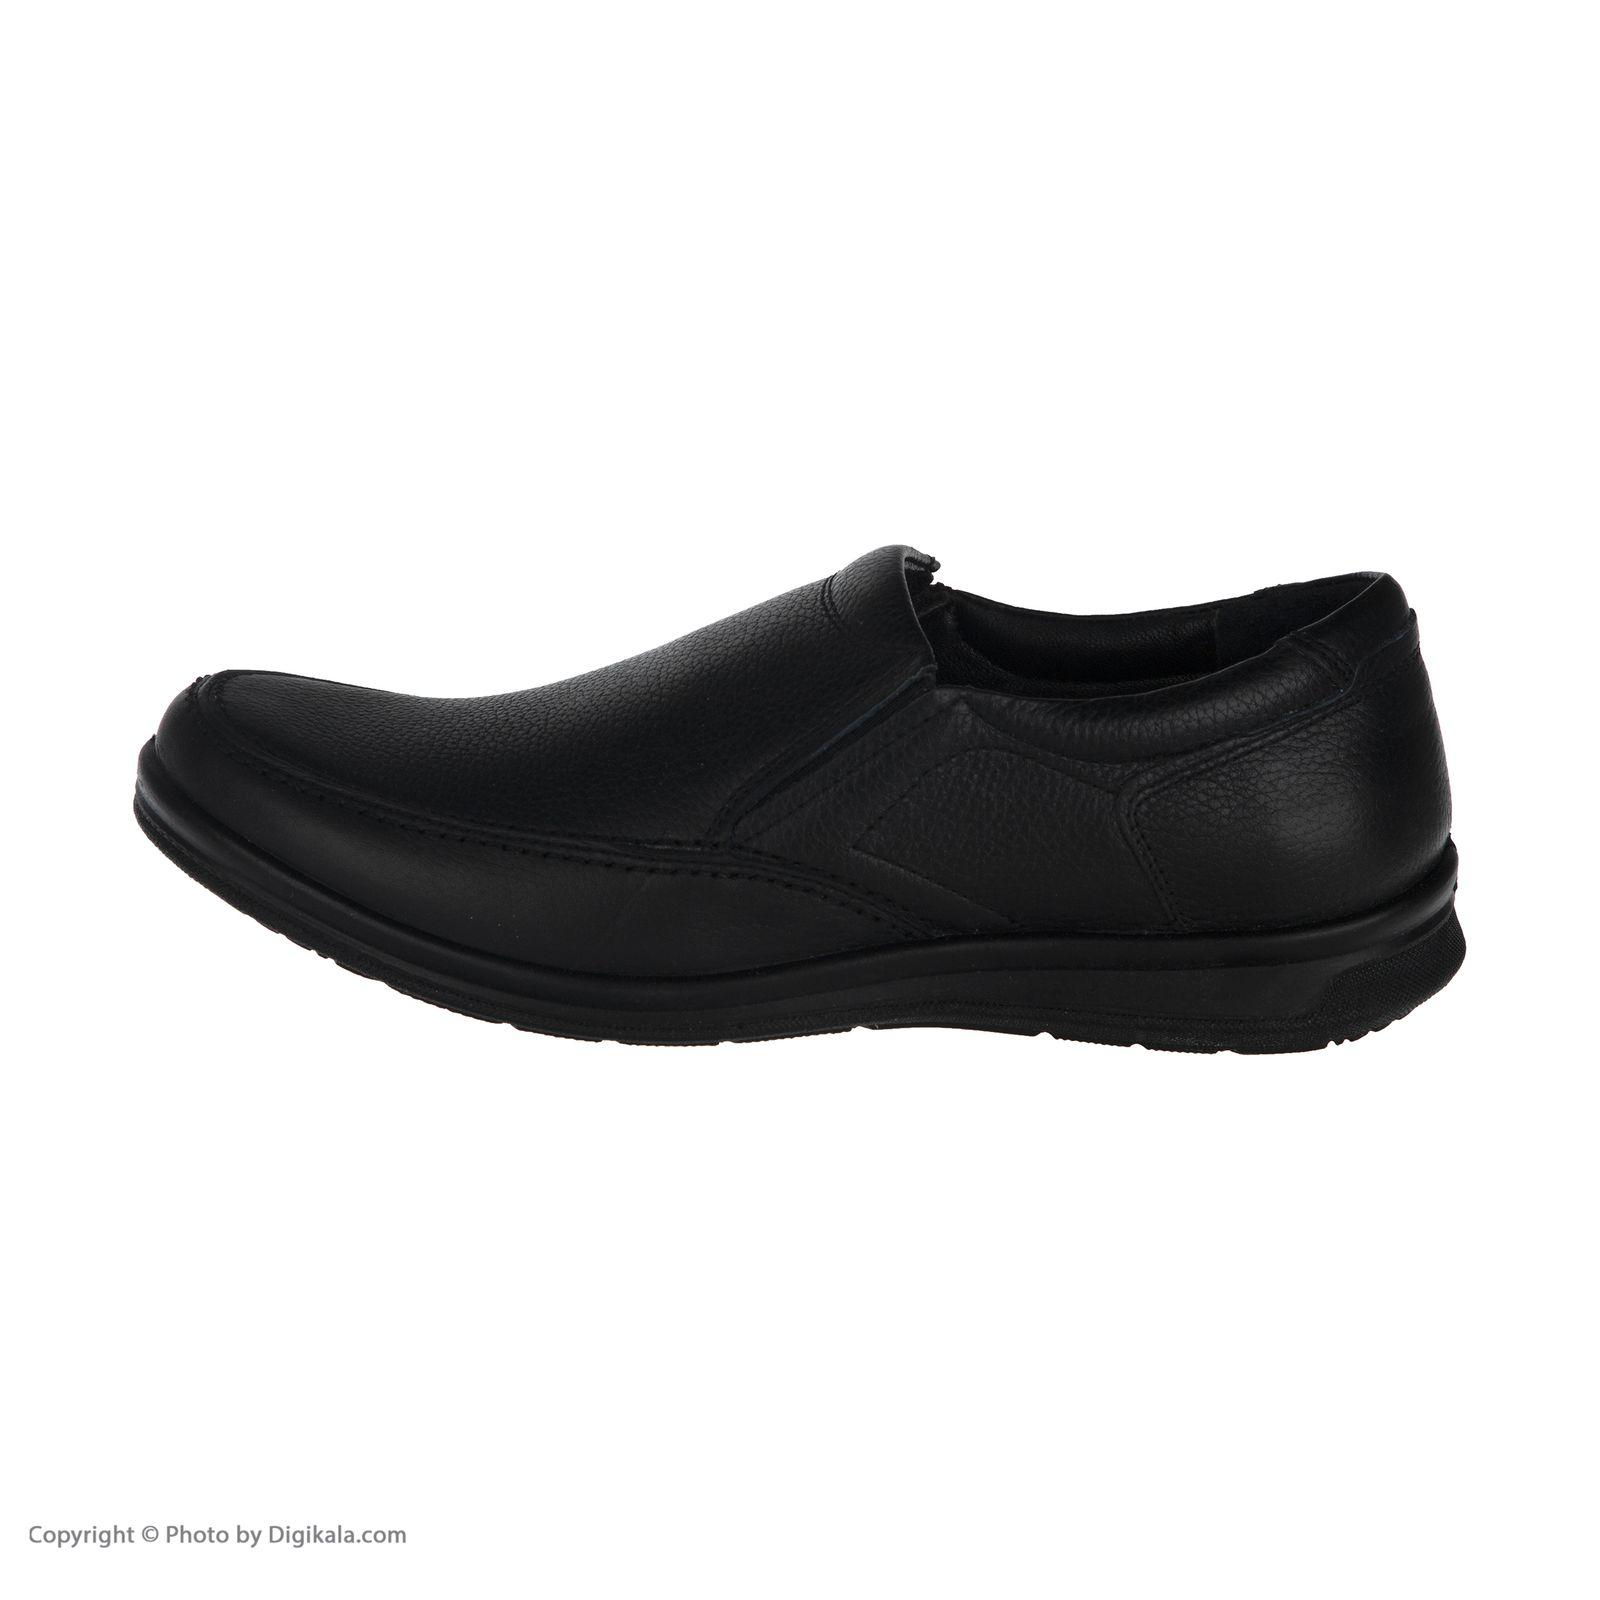 کفش روزمره مردانه بلوط مدل 7296A503101 -  - 3